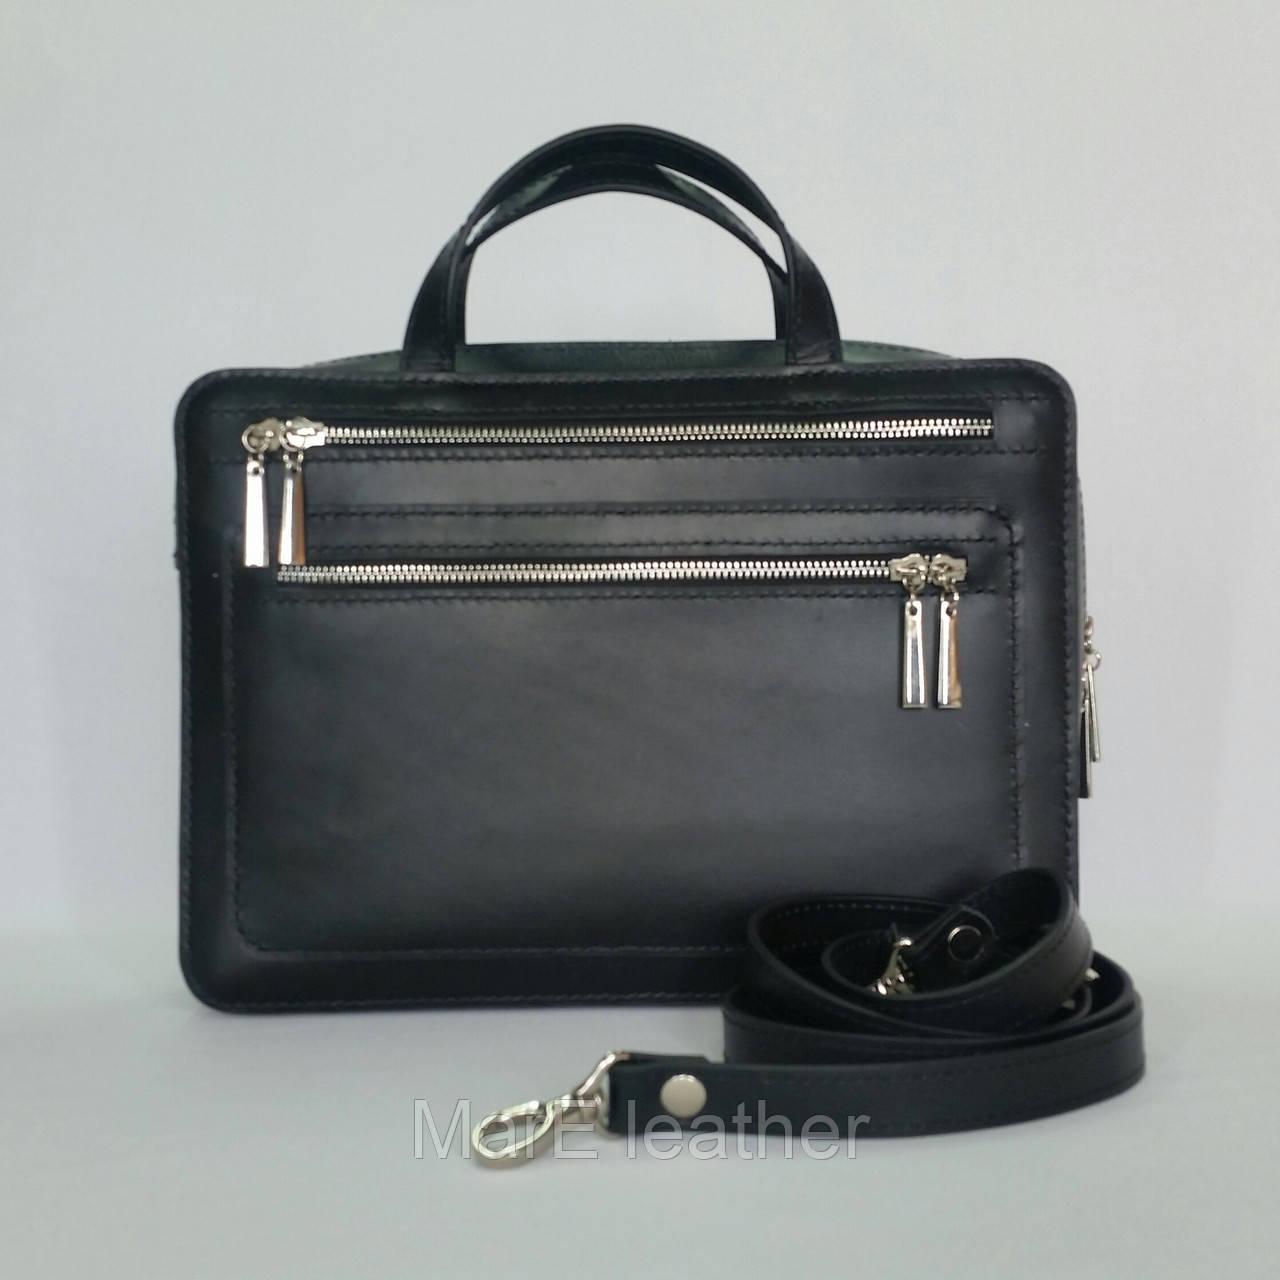 1facab9722f1 Мужская кожаная сумка ( А- 4) Из натуральной кожи итальянского производства